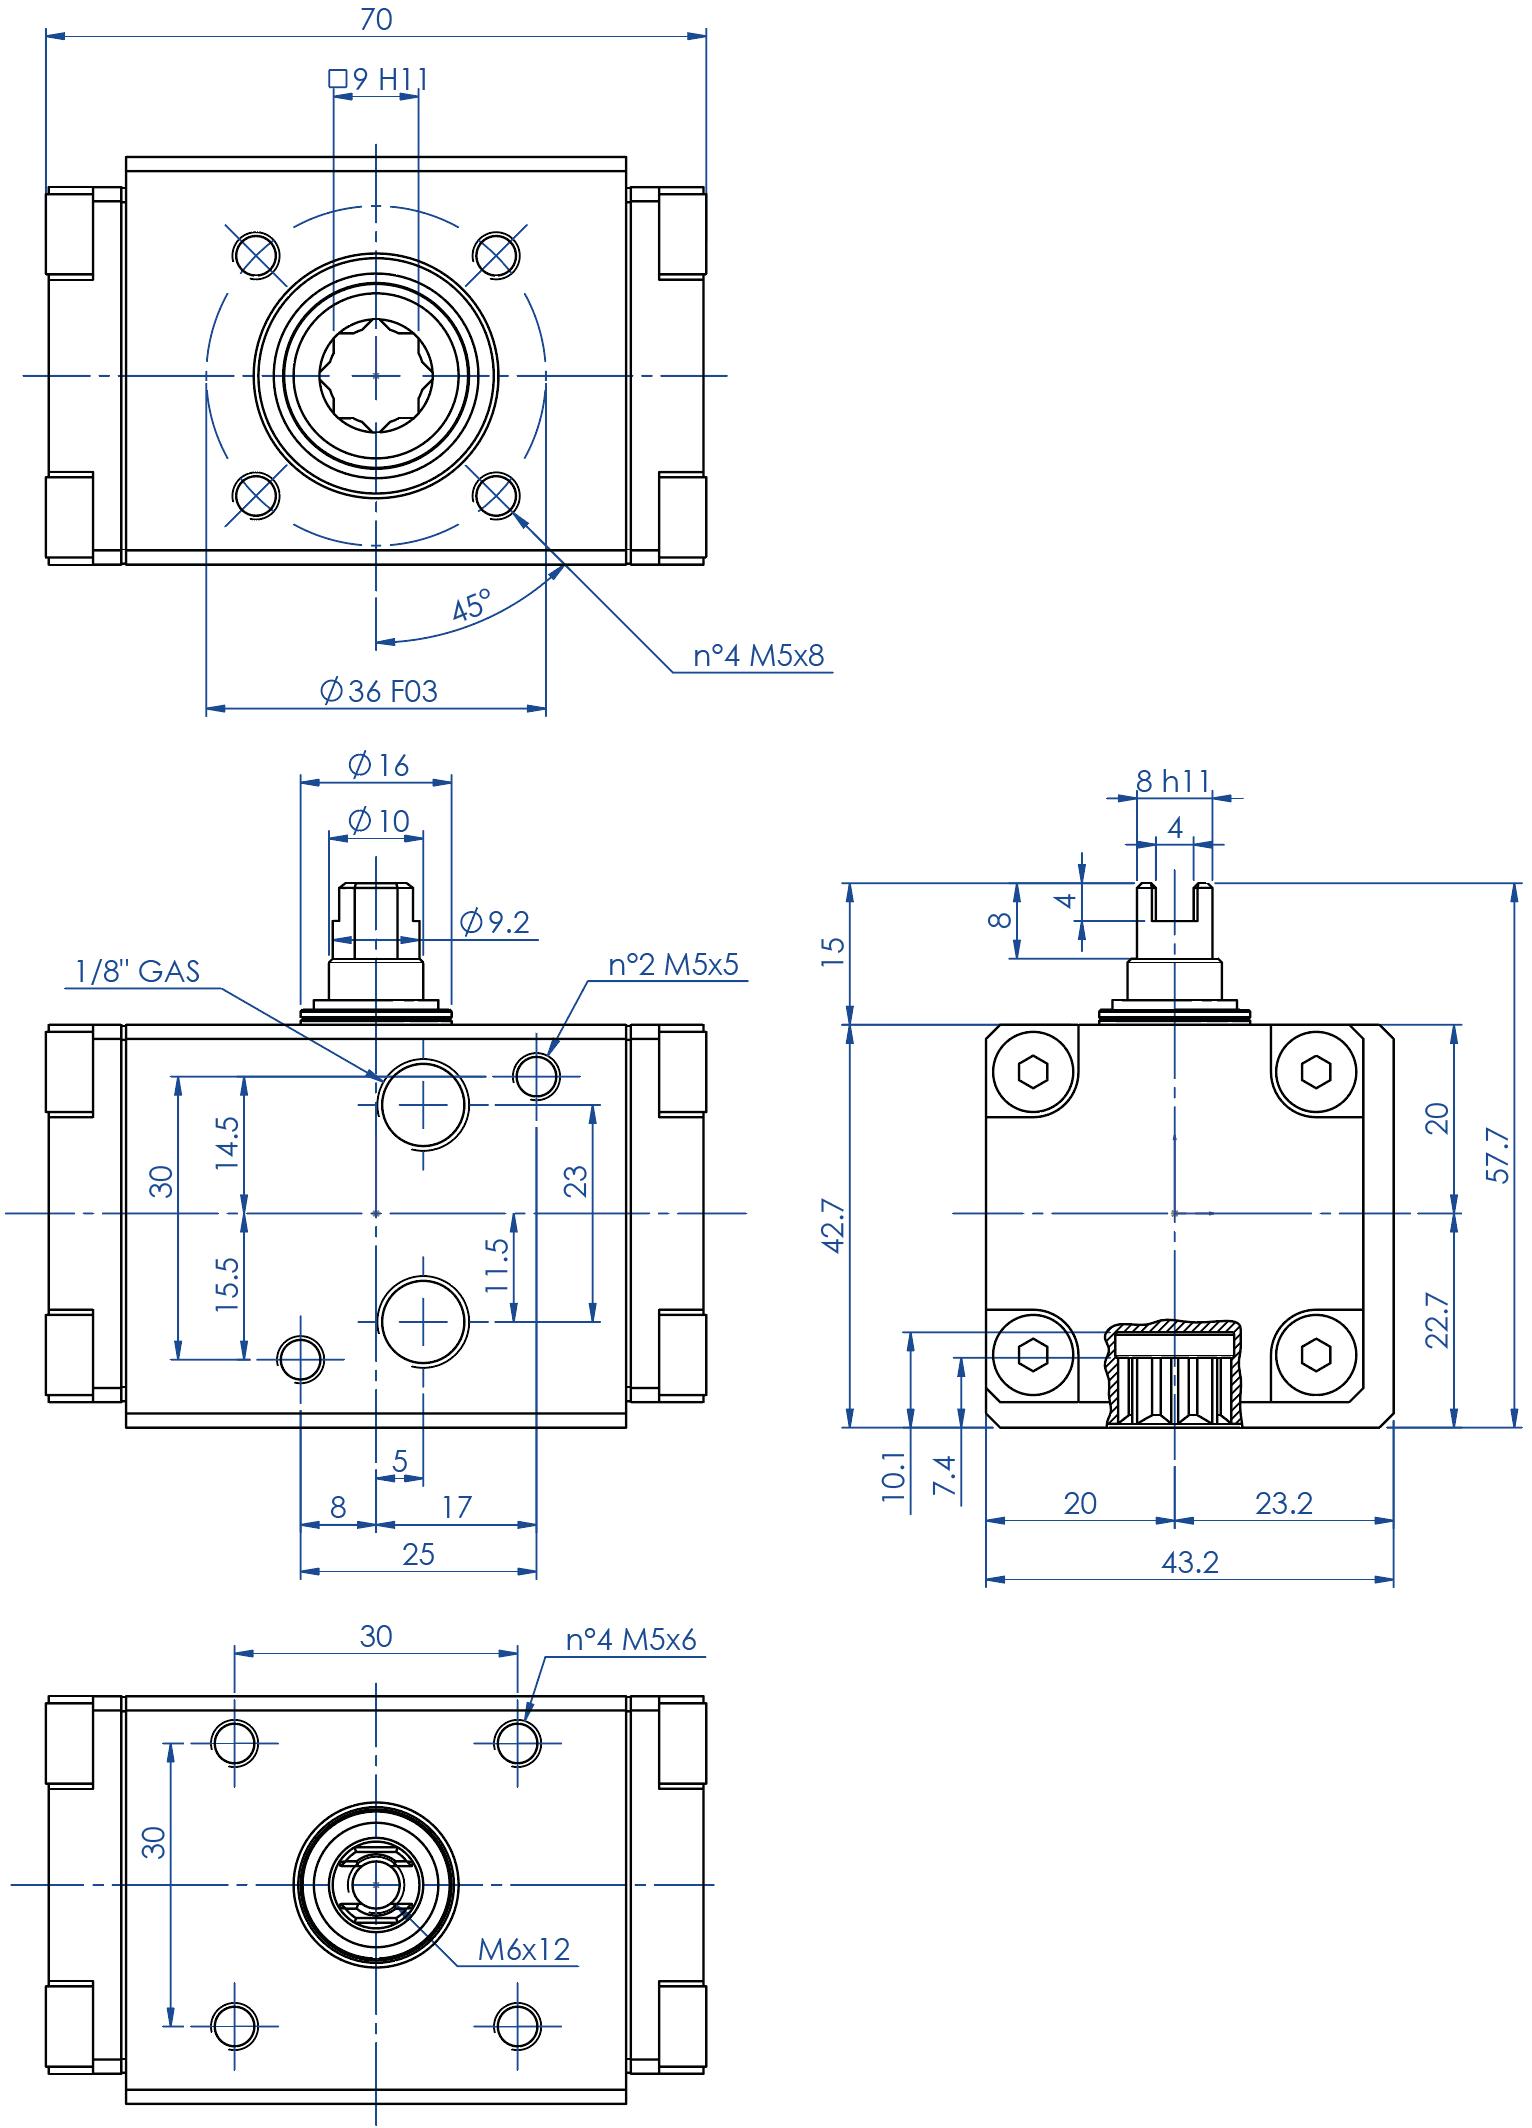 Alüminyum GD çift etkili pnömatik aktüatör - boyutlar - Çift etili aktüatör ölçü GD08 (Nm)